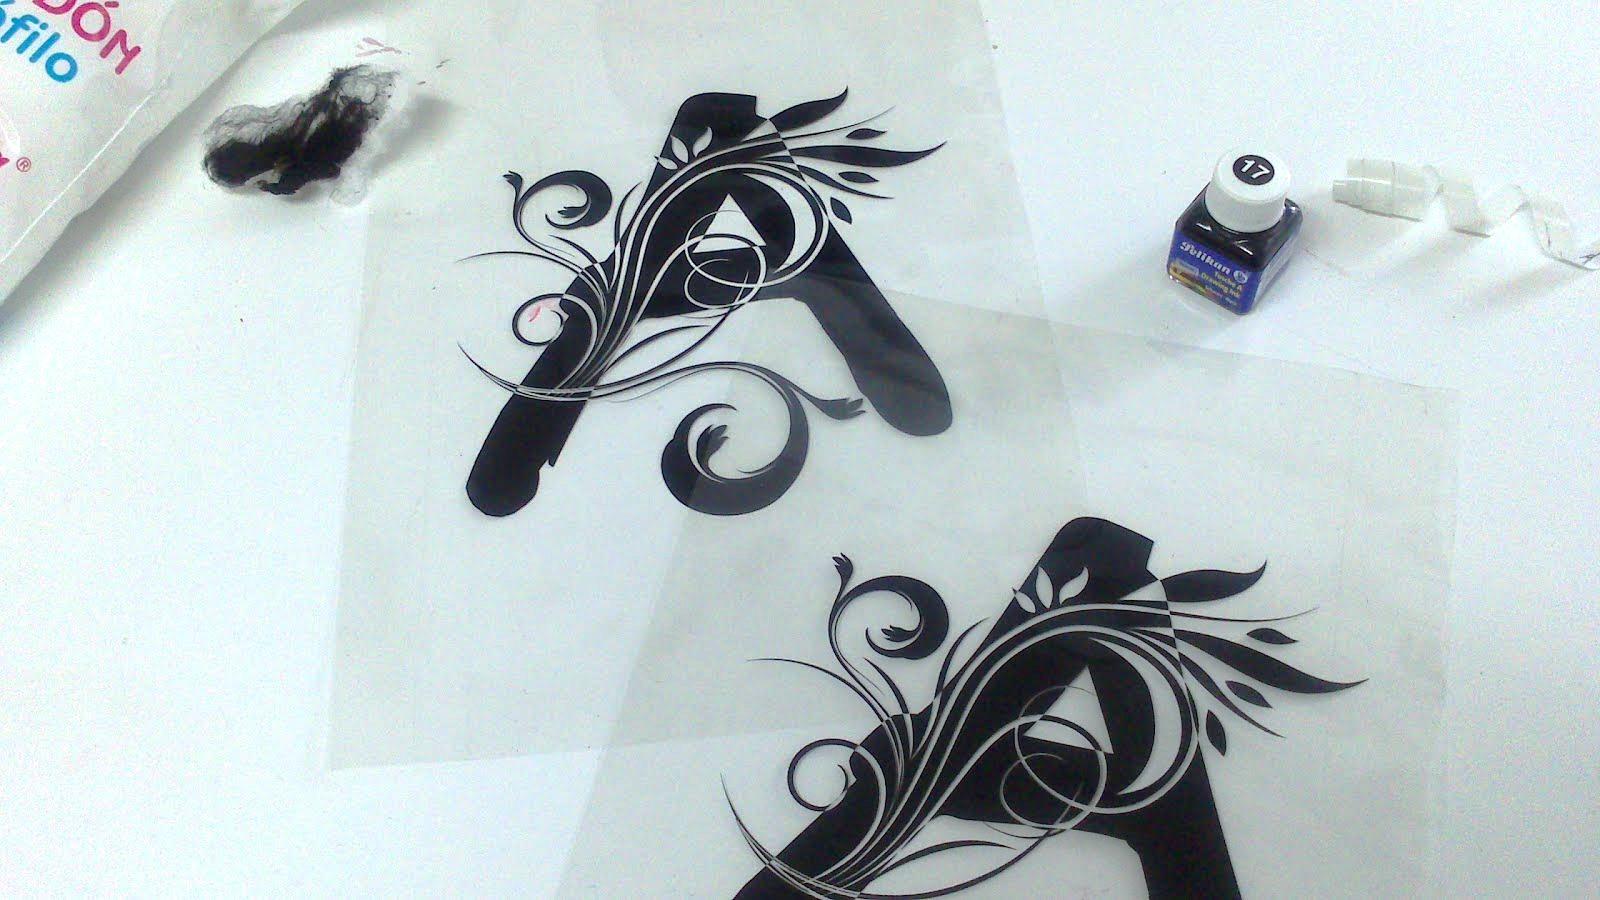 Seriartd2 arte en serigraf a serigrafia de letras con - Letras para serigrafia ...